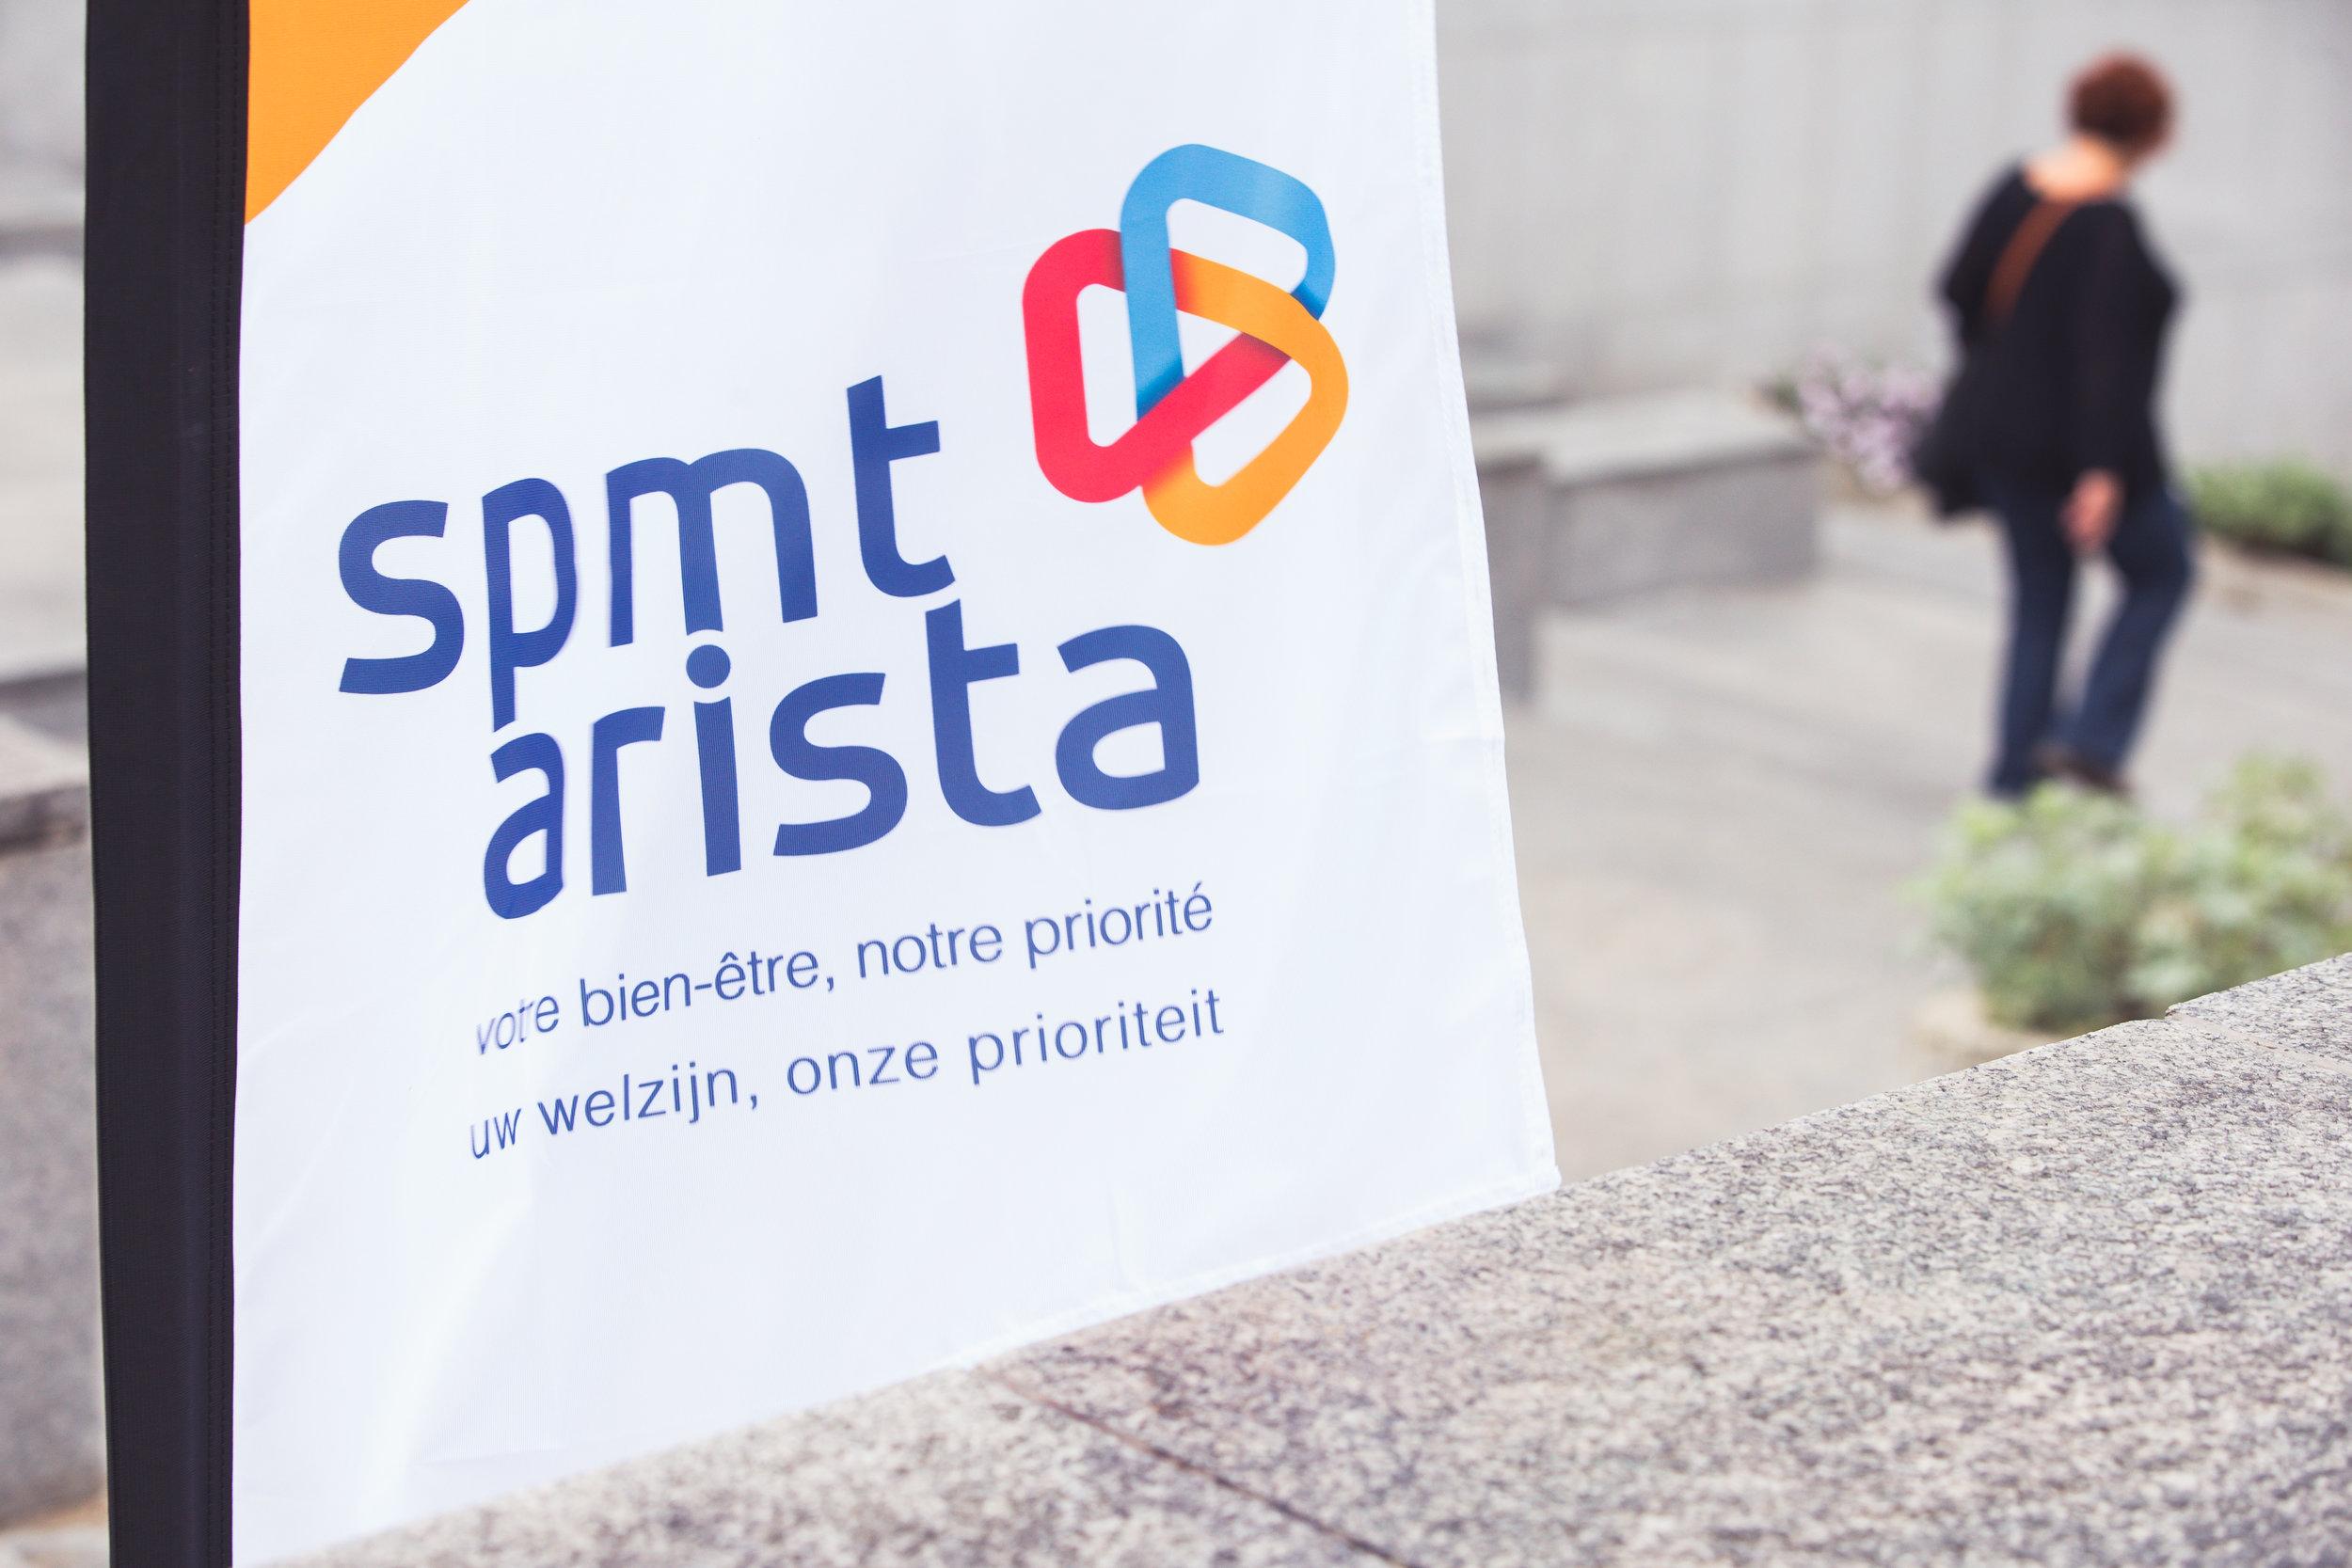 SPMT Arista | Team Day -